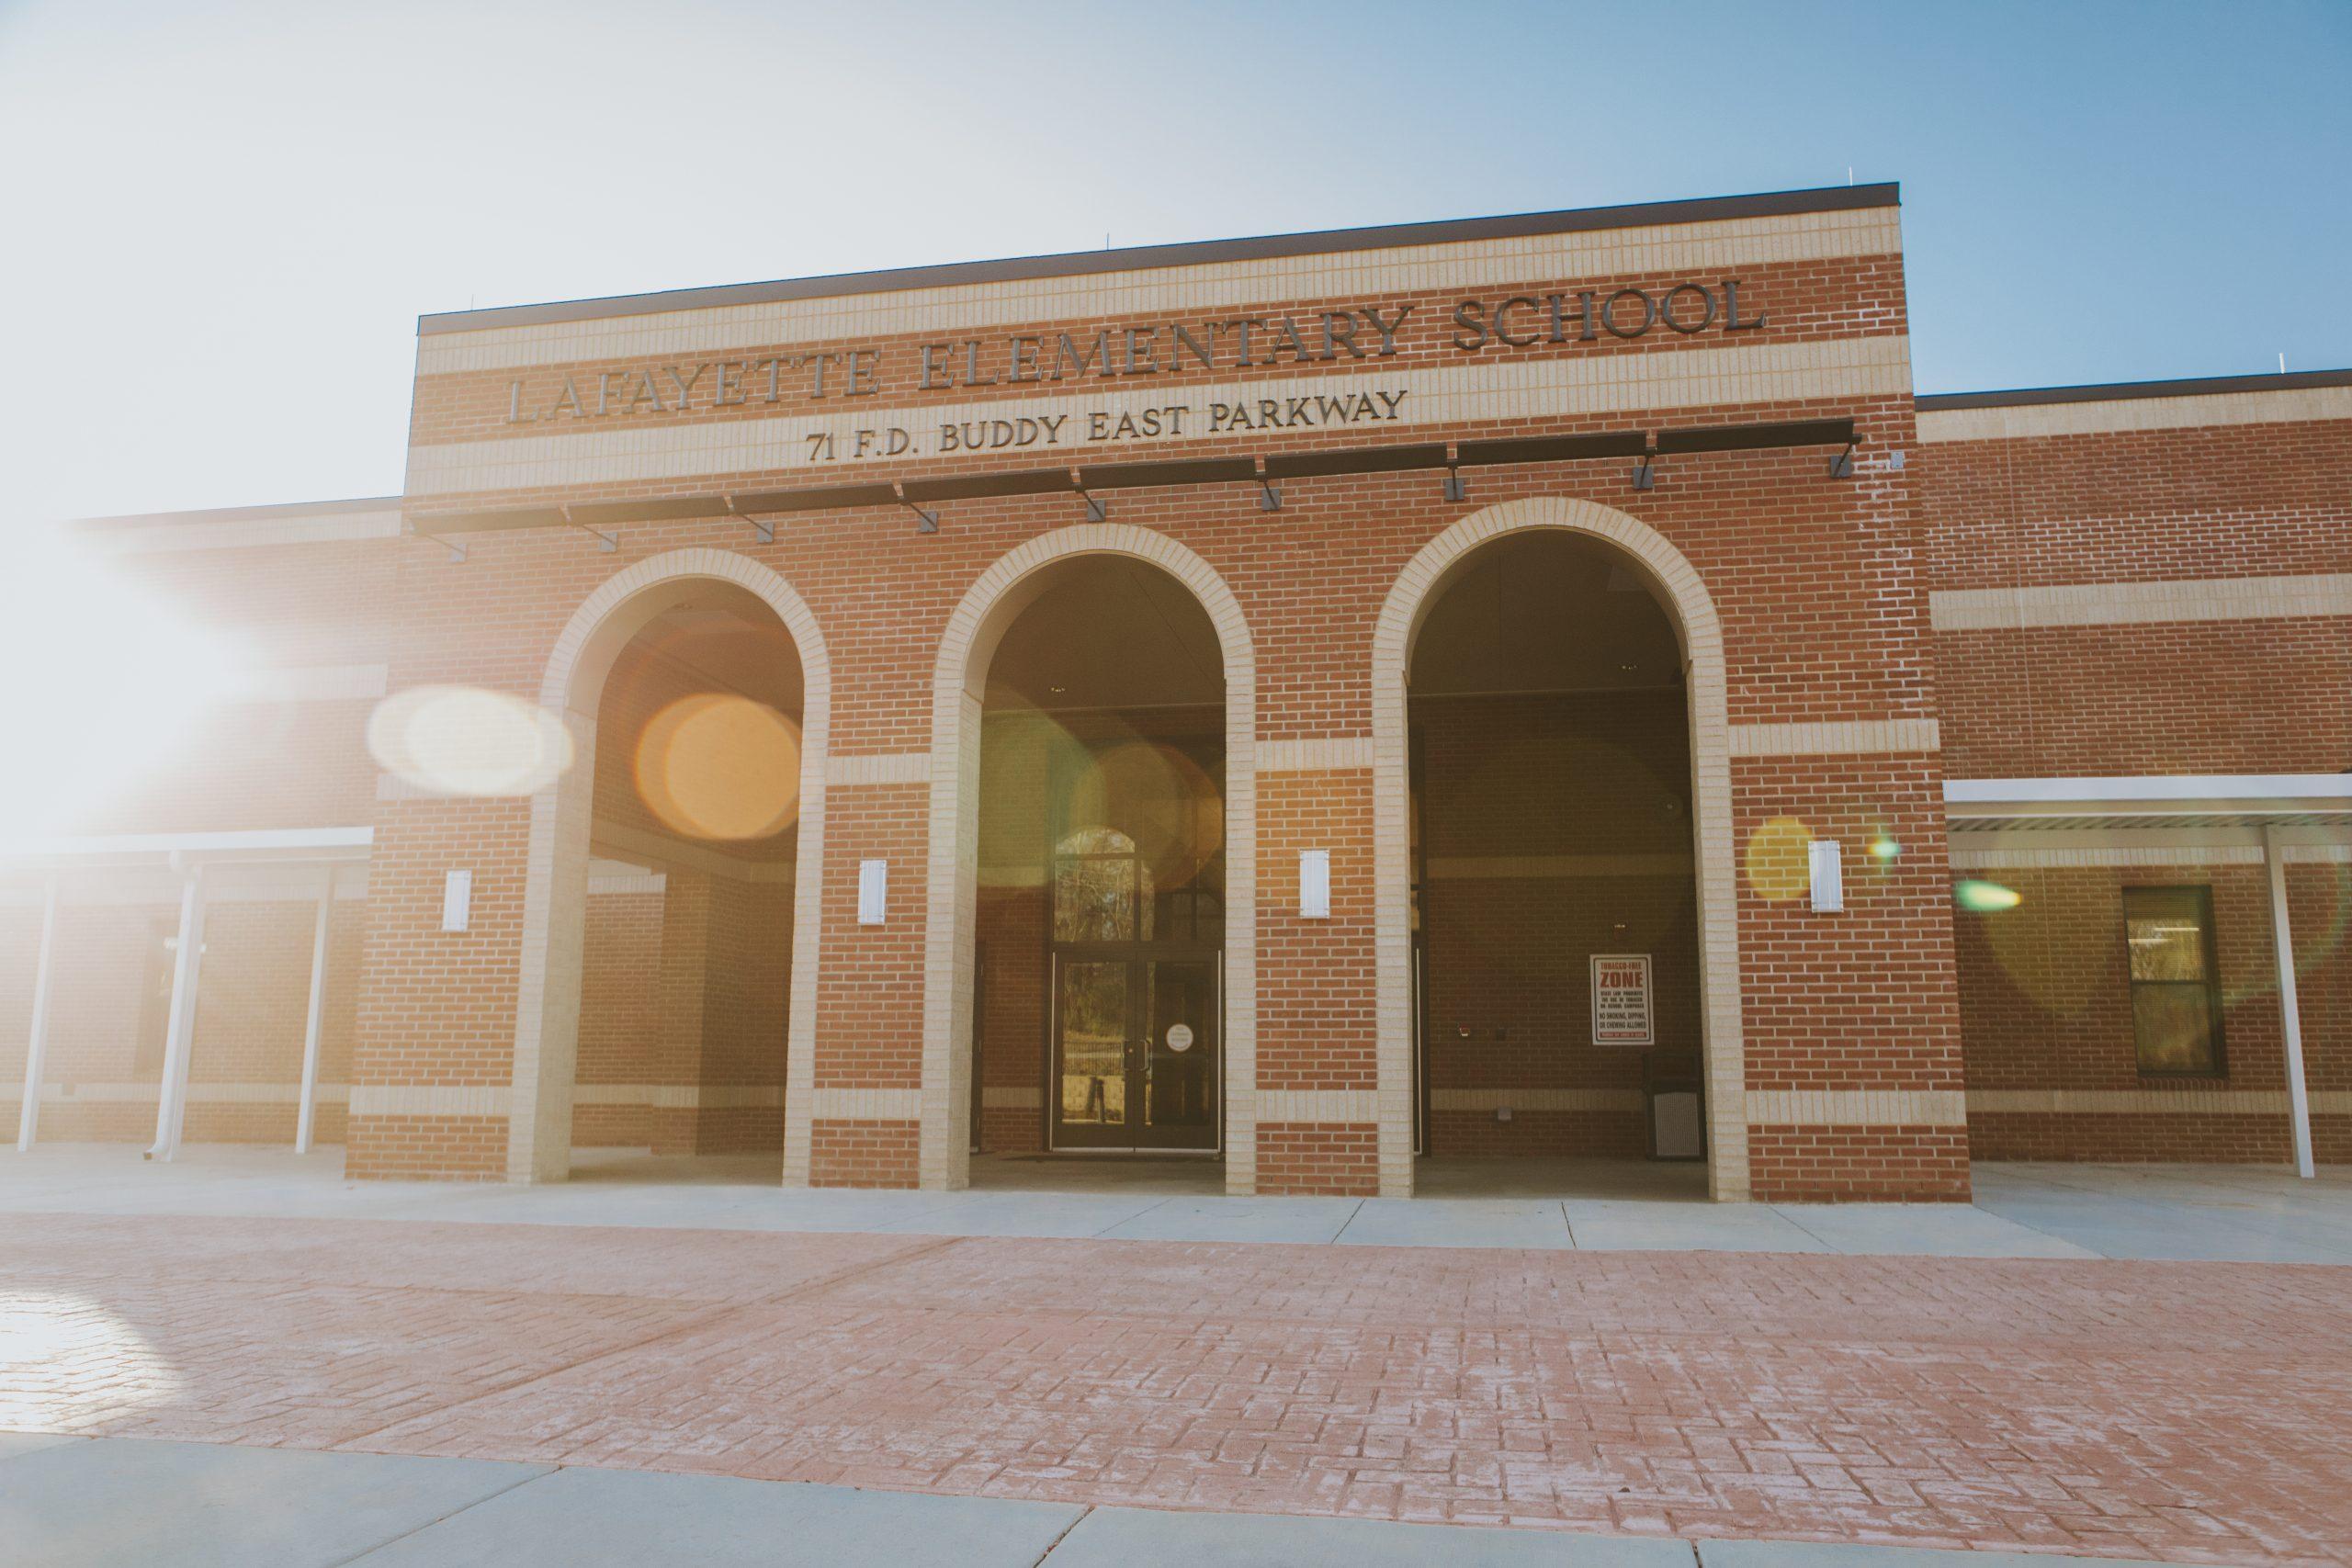 Lafayette Elementary School